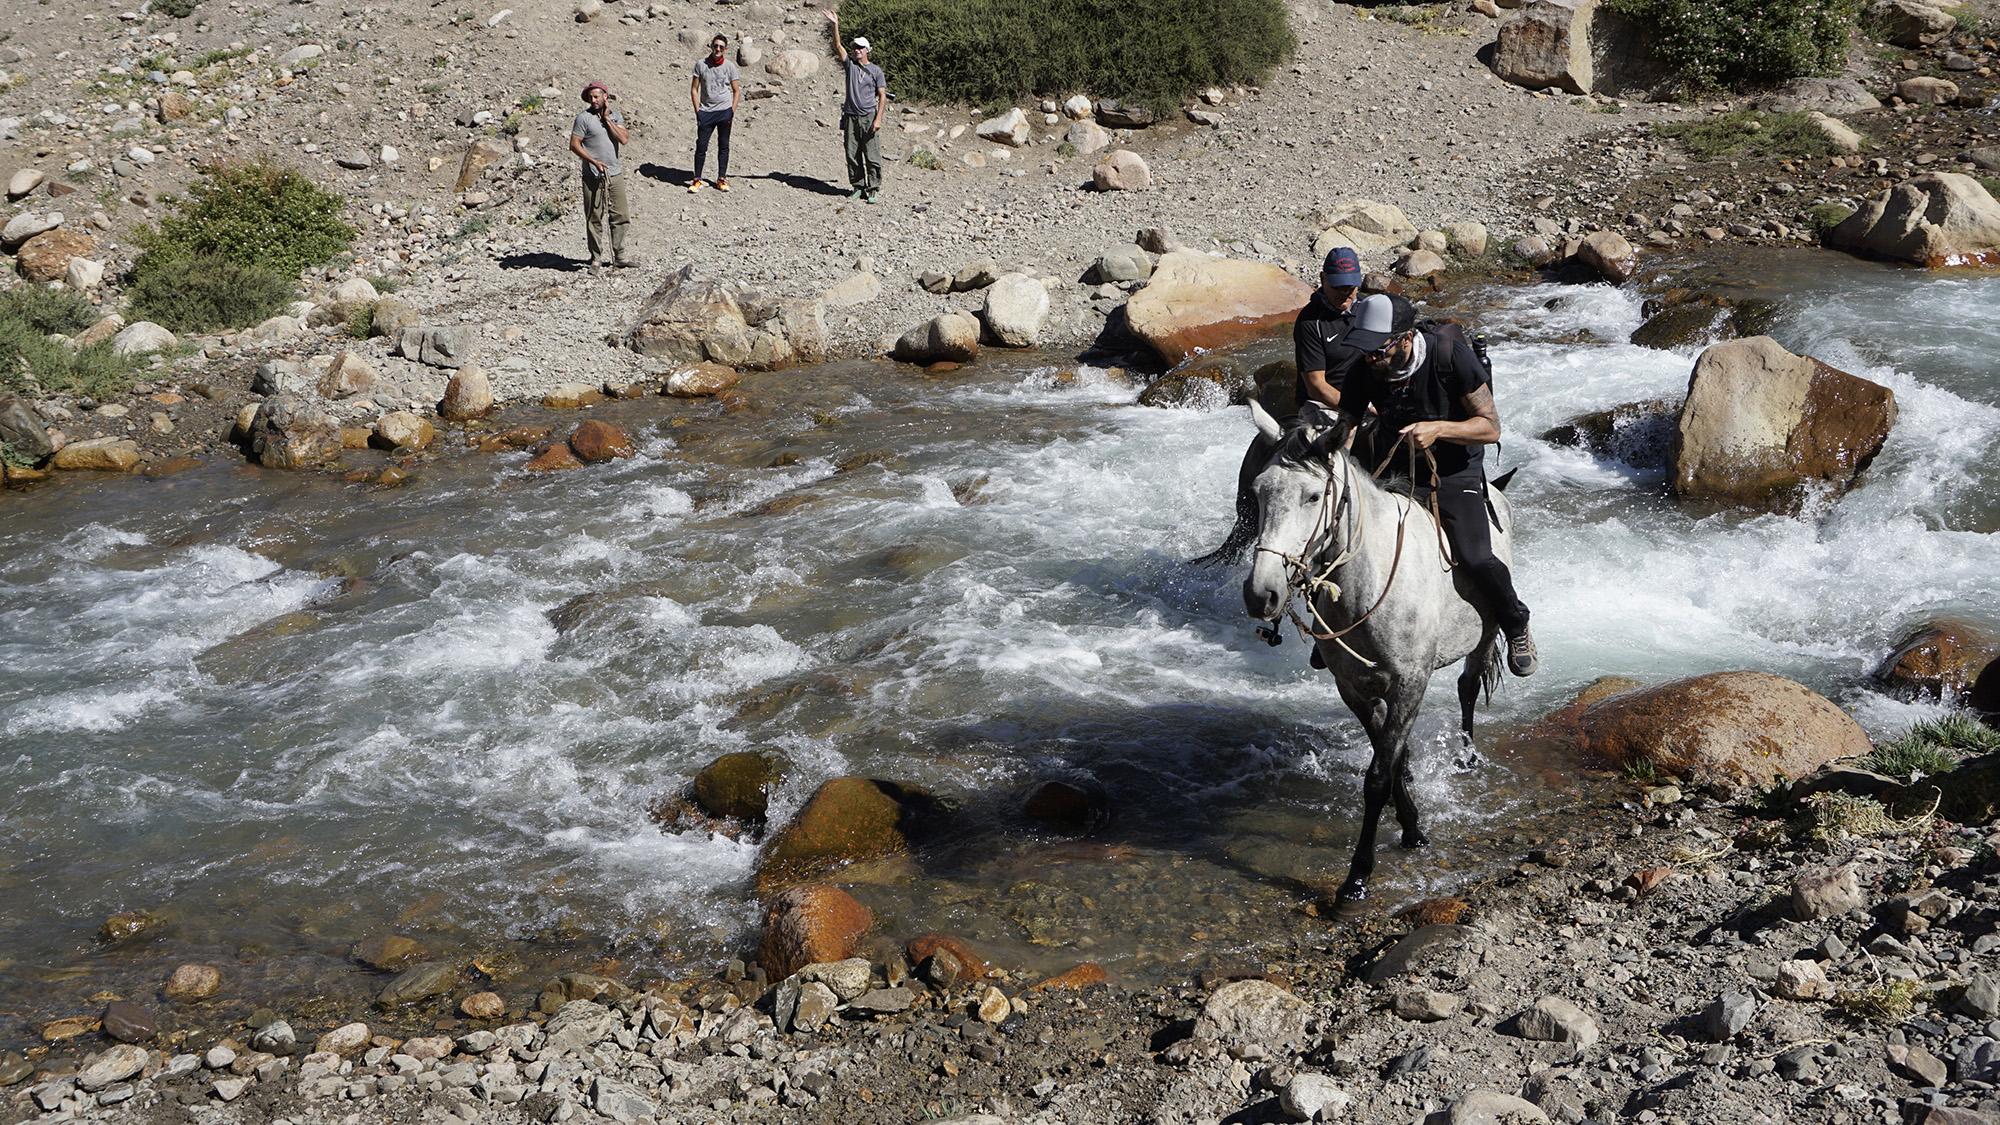 Cruce de los Andes. Caminando o a caballo, fue una experiencia inolvidable. (PH: Andrómeda agencia)